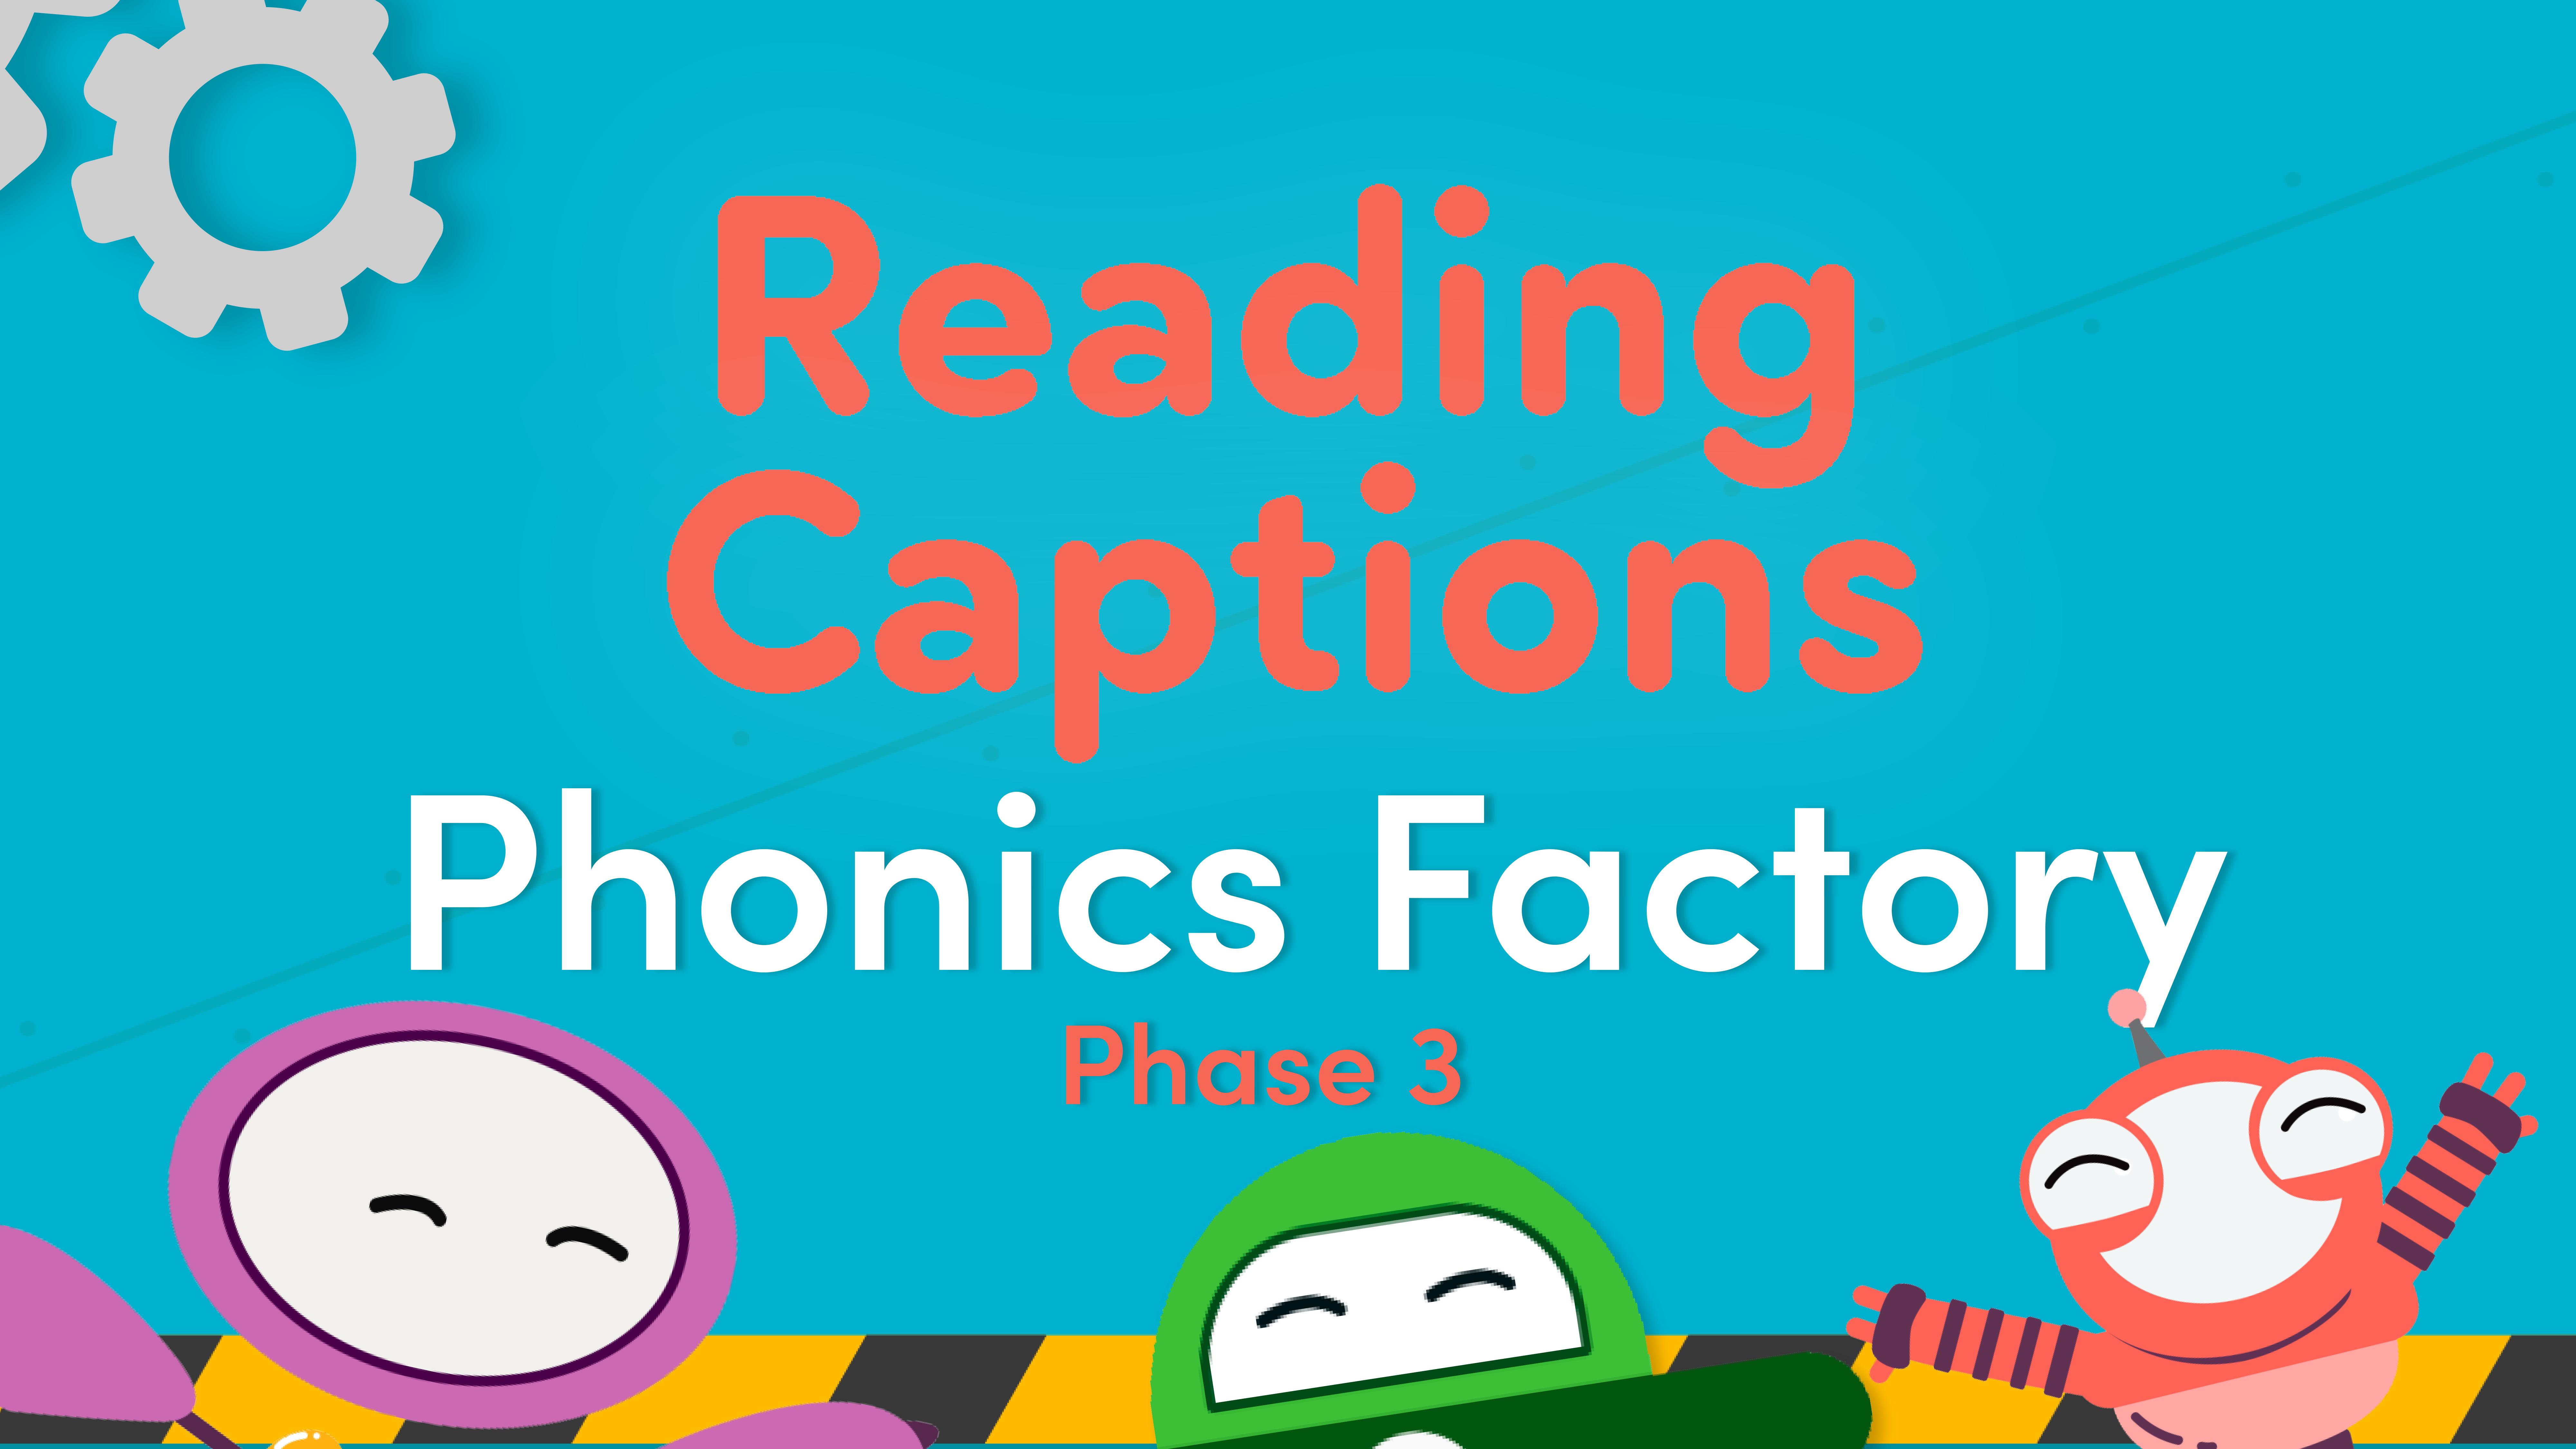 Phonics reading captions